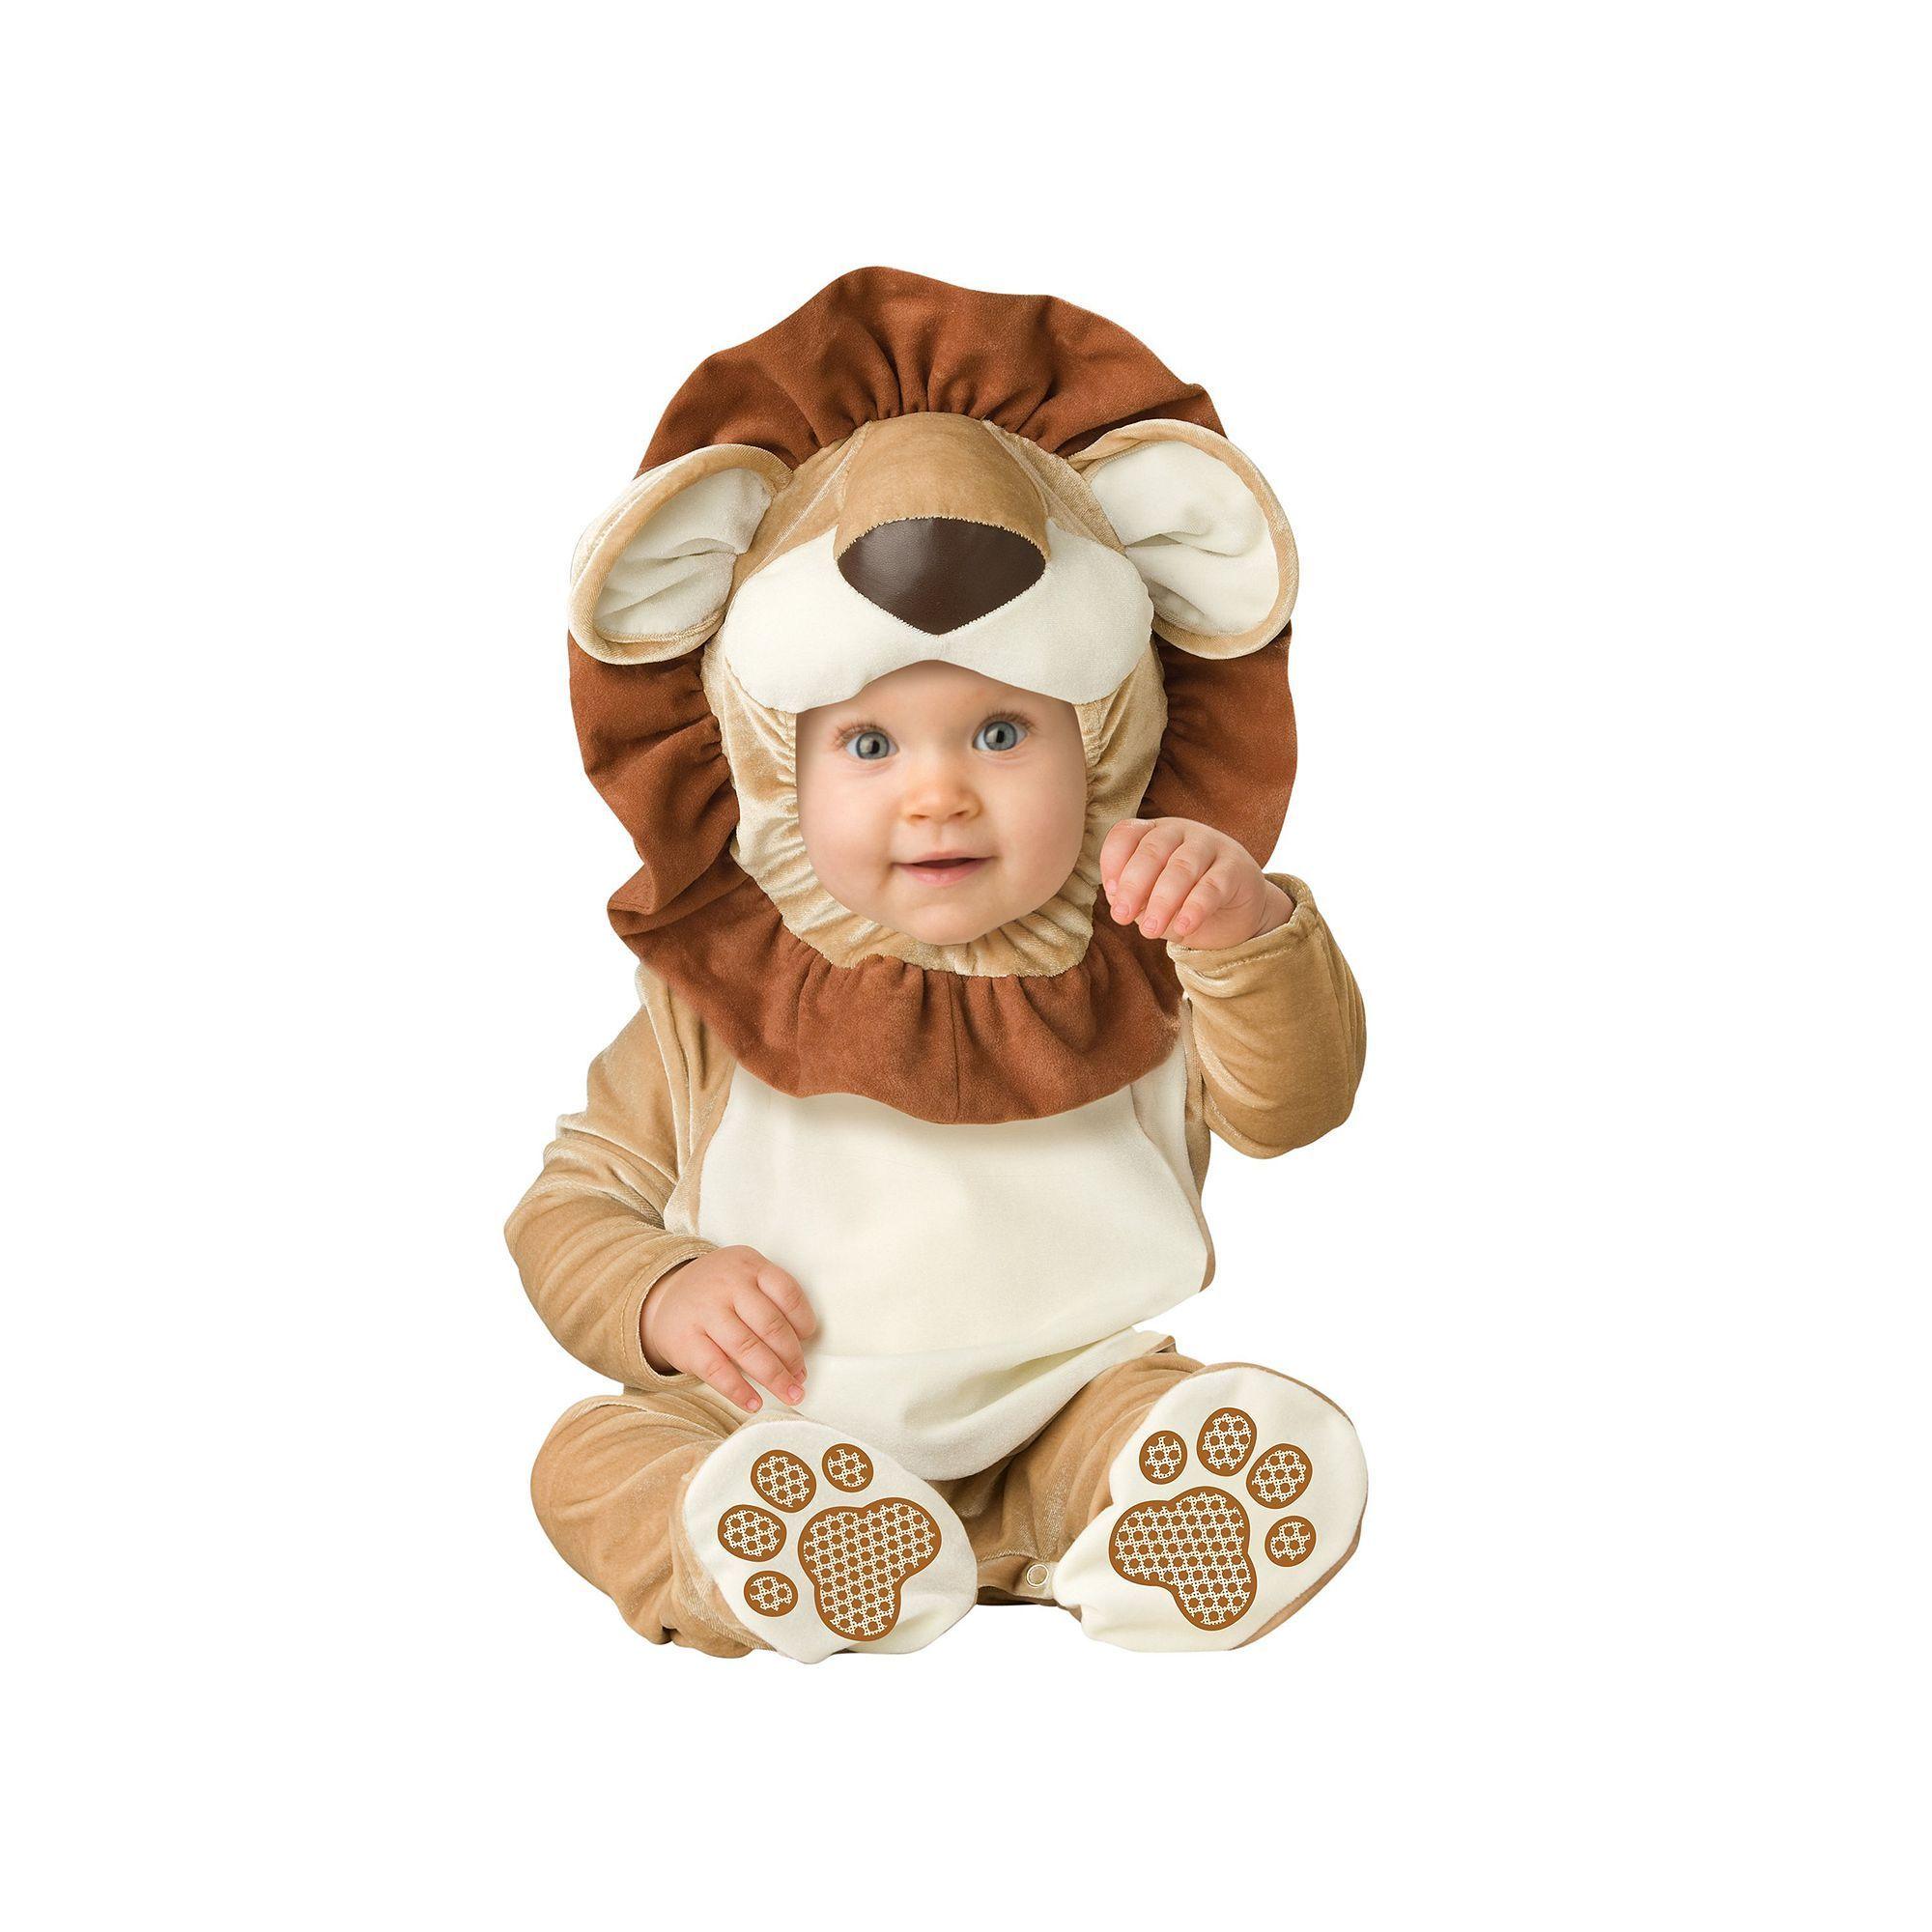 lovable lion costume infant unisex size 12 18 month multicolor